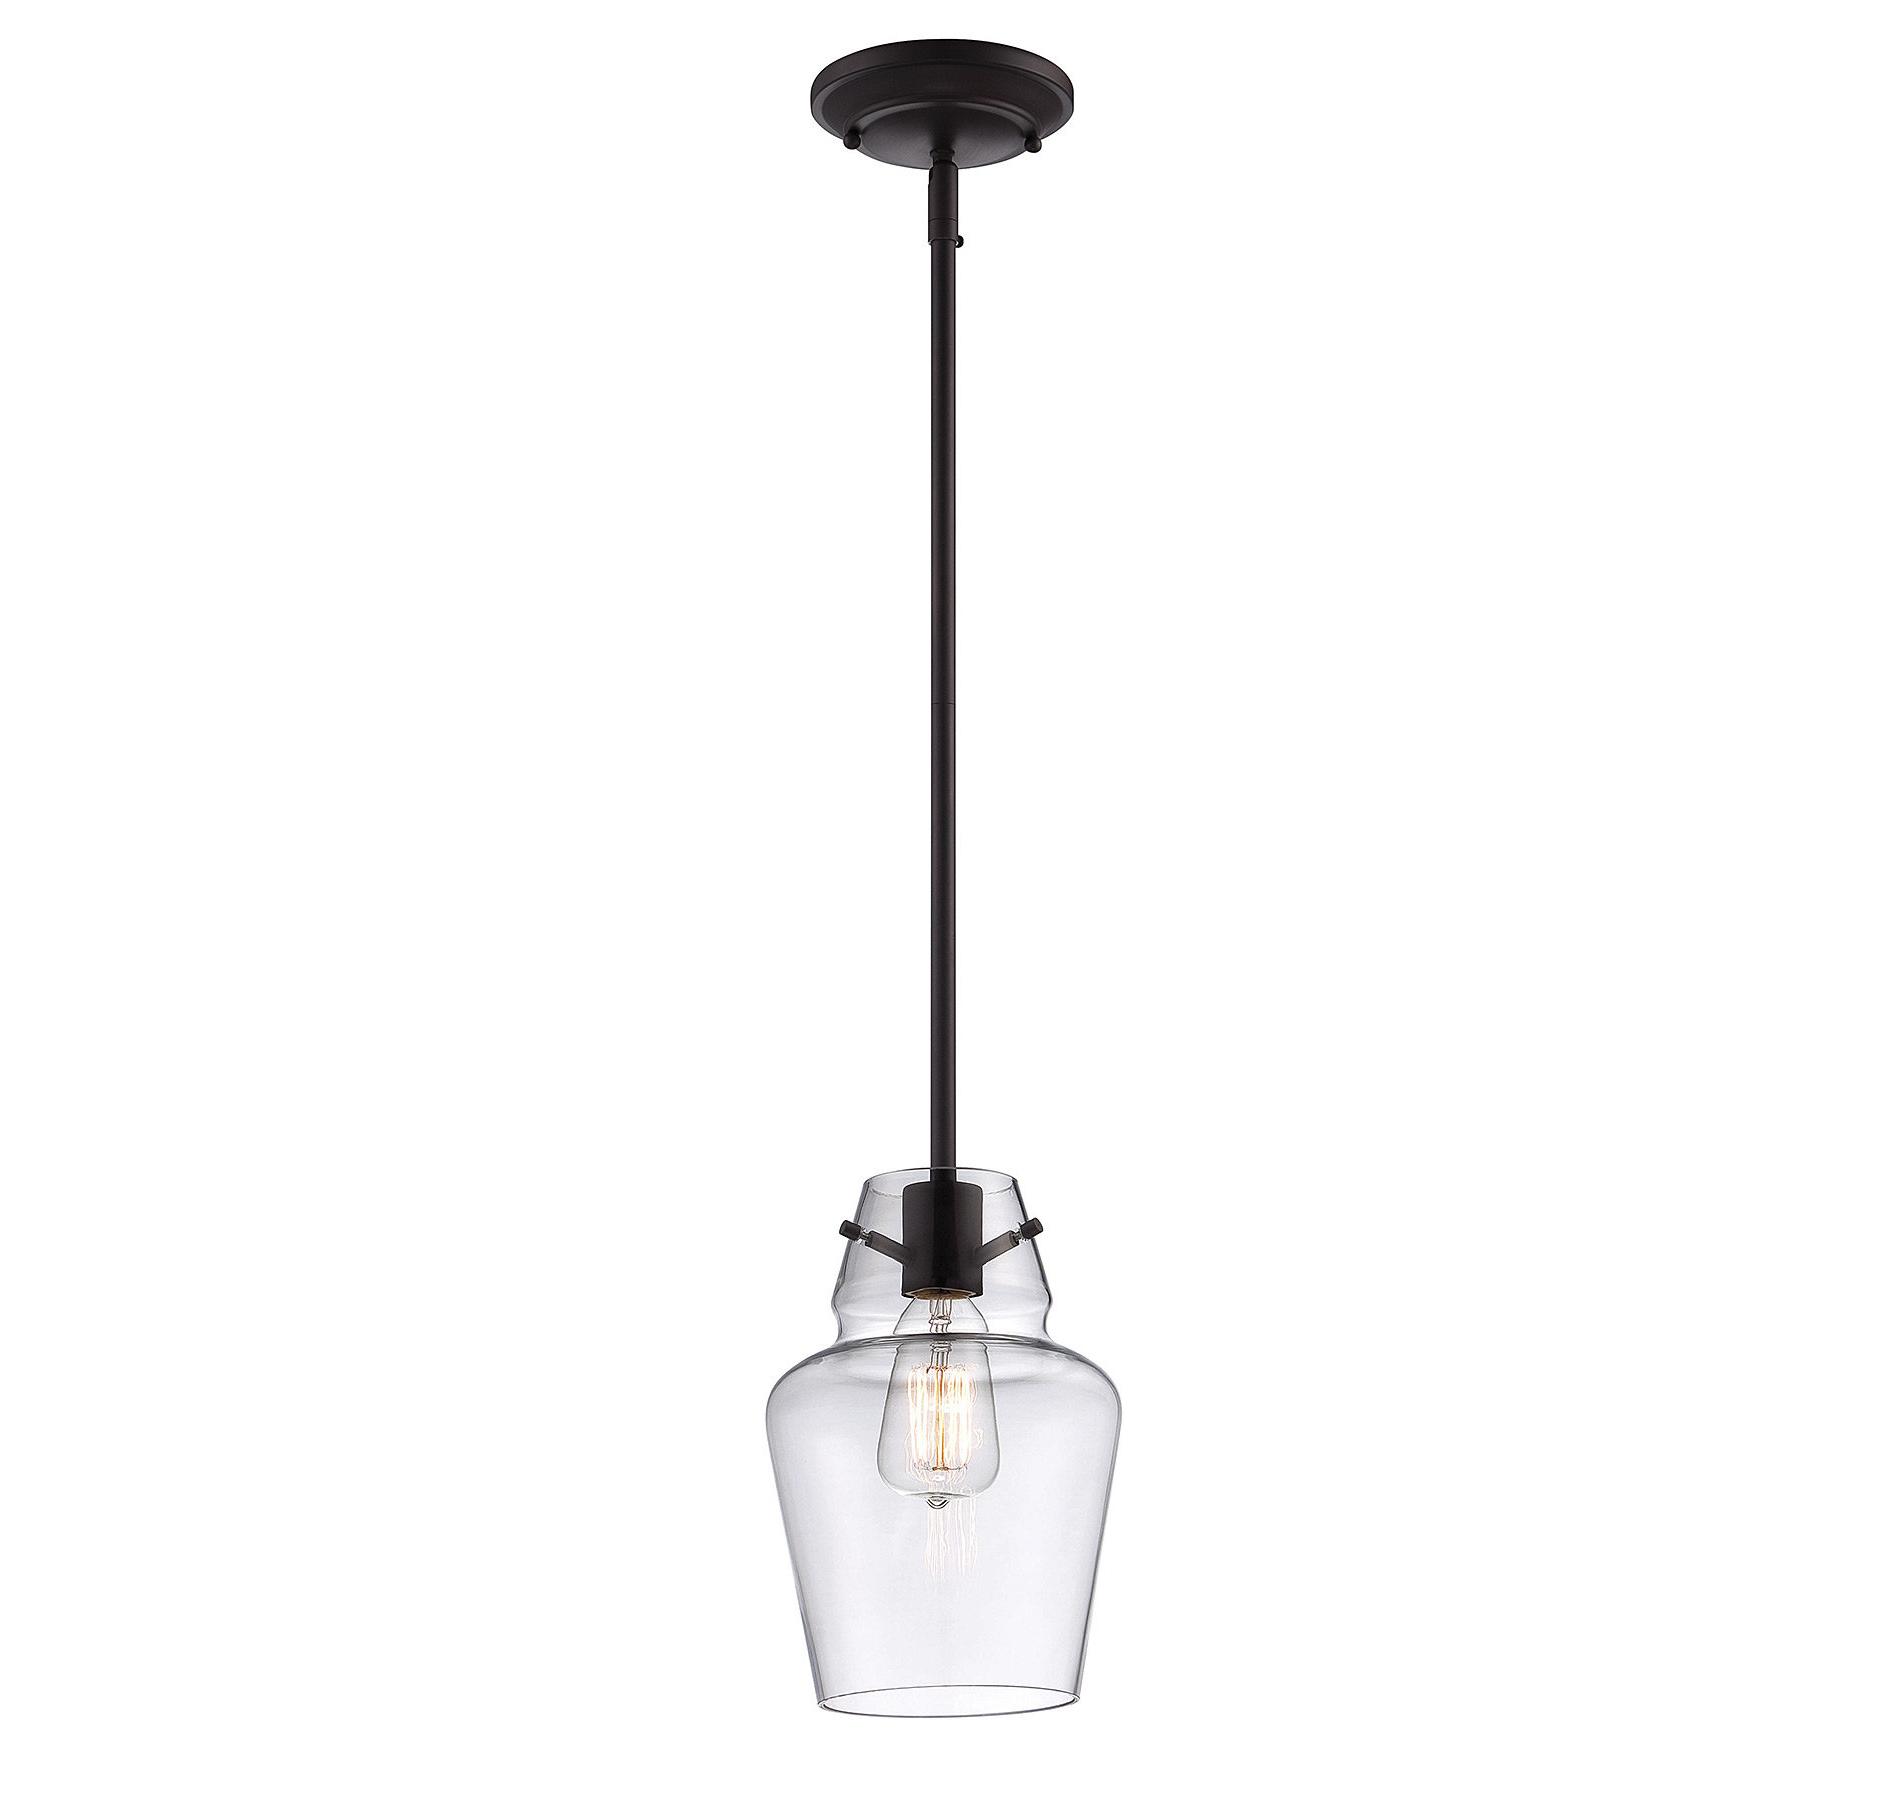 Popular Roslindale 1 Light Single Bell Pendant Intended For Erico 1 Light Single Bell Pendants (View 6 of 25)